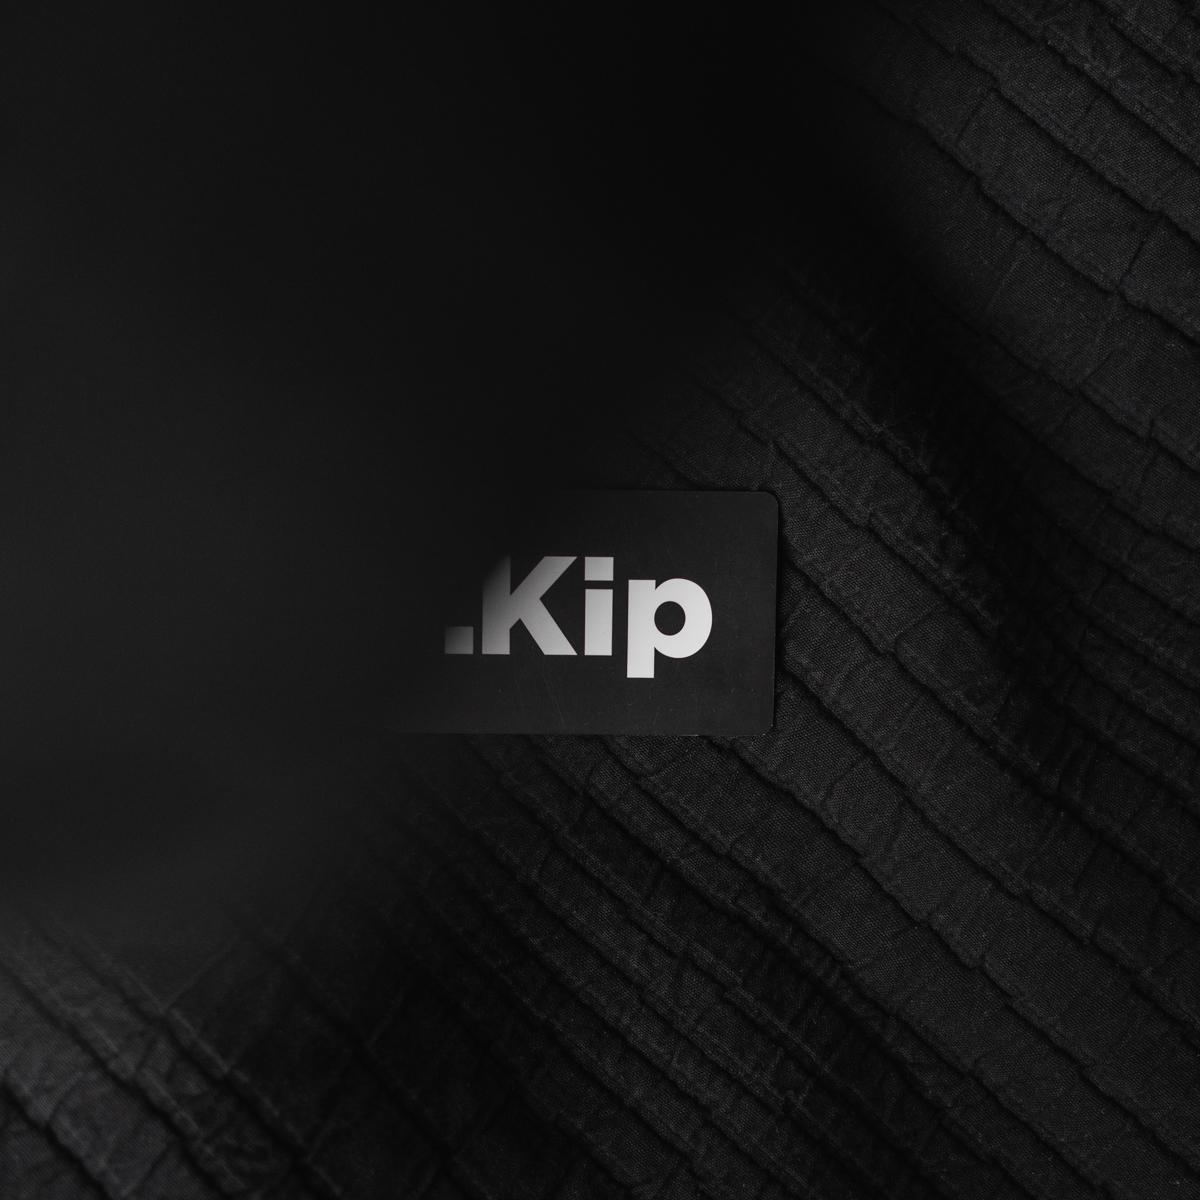 Kip-December-5.jpg